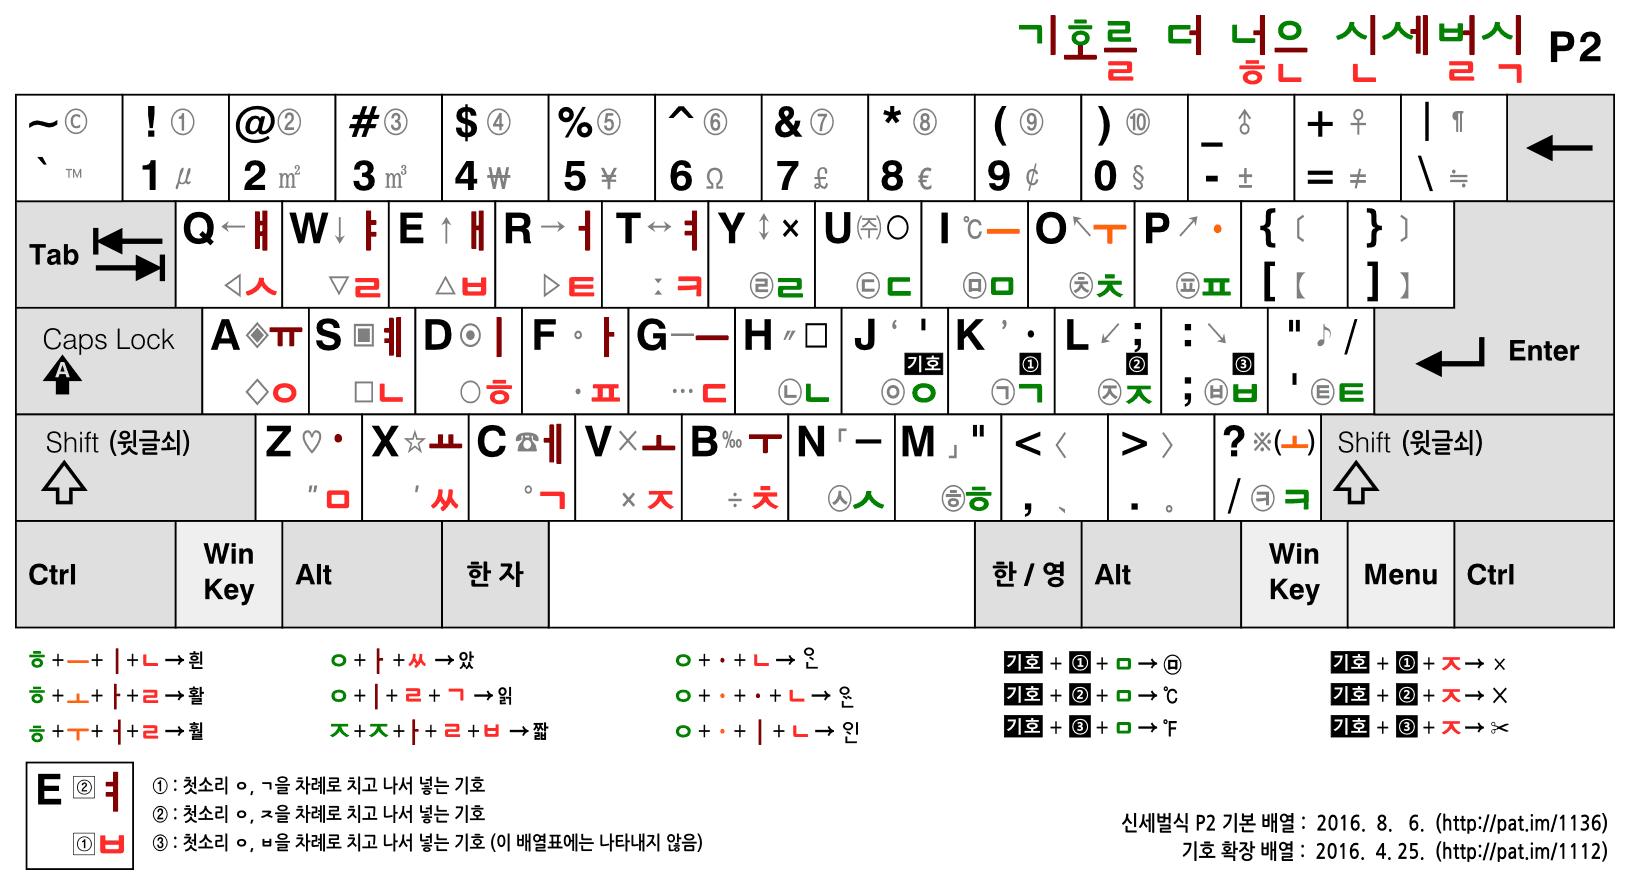 신세벌식 P2 자판 (기호 확장 2단 배열표)